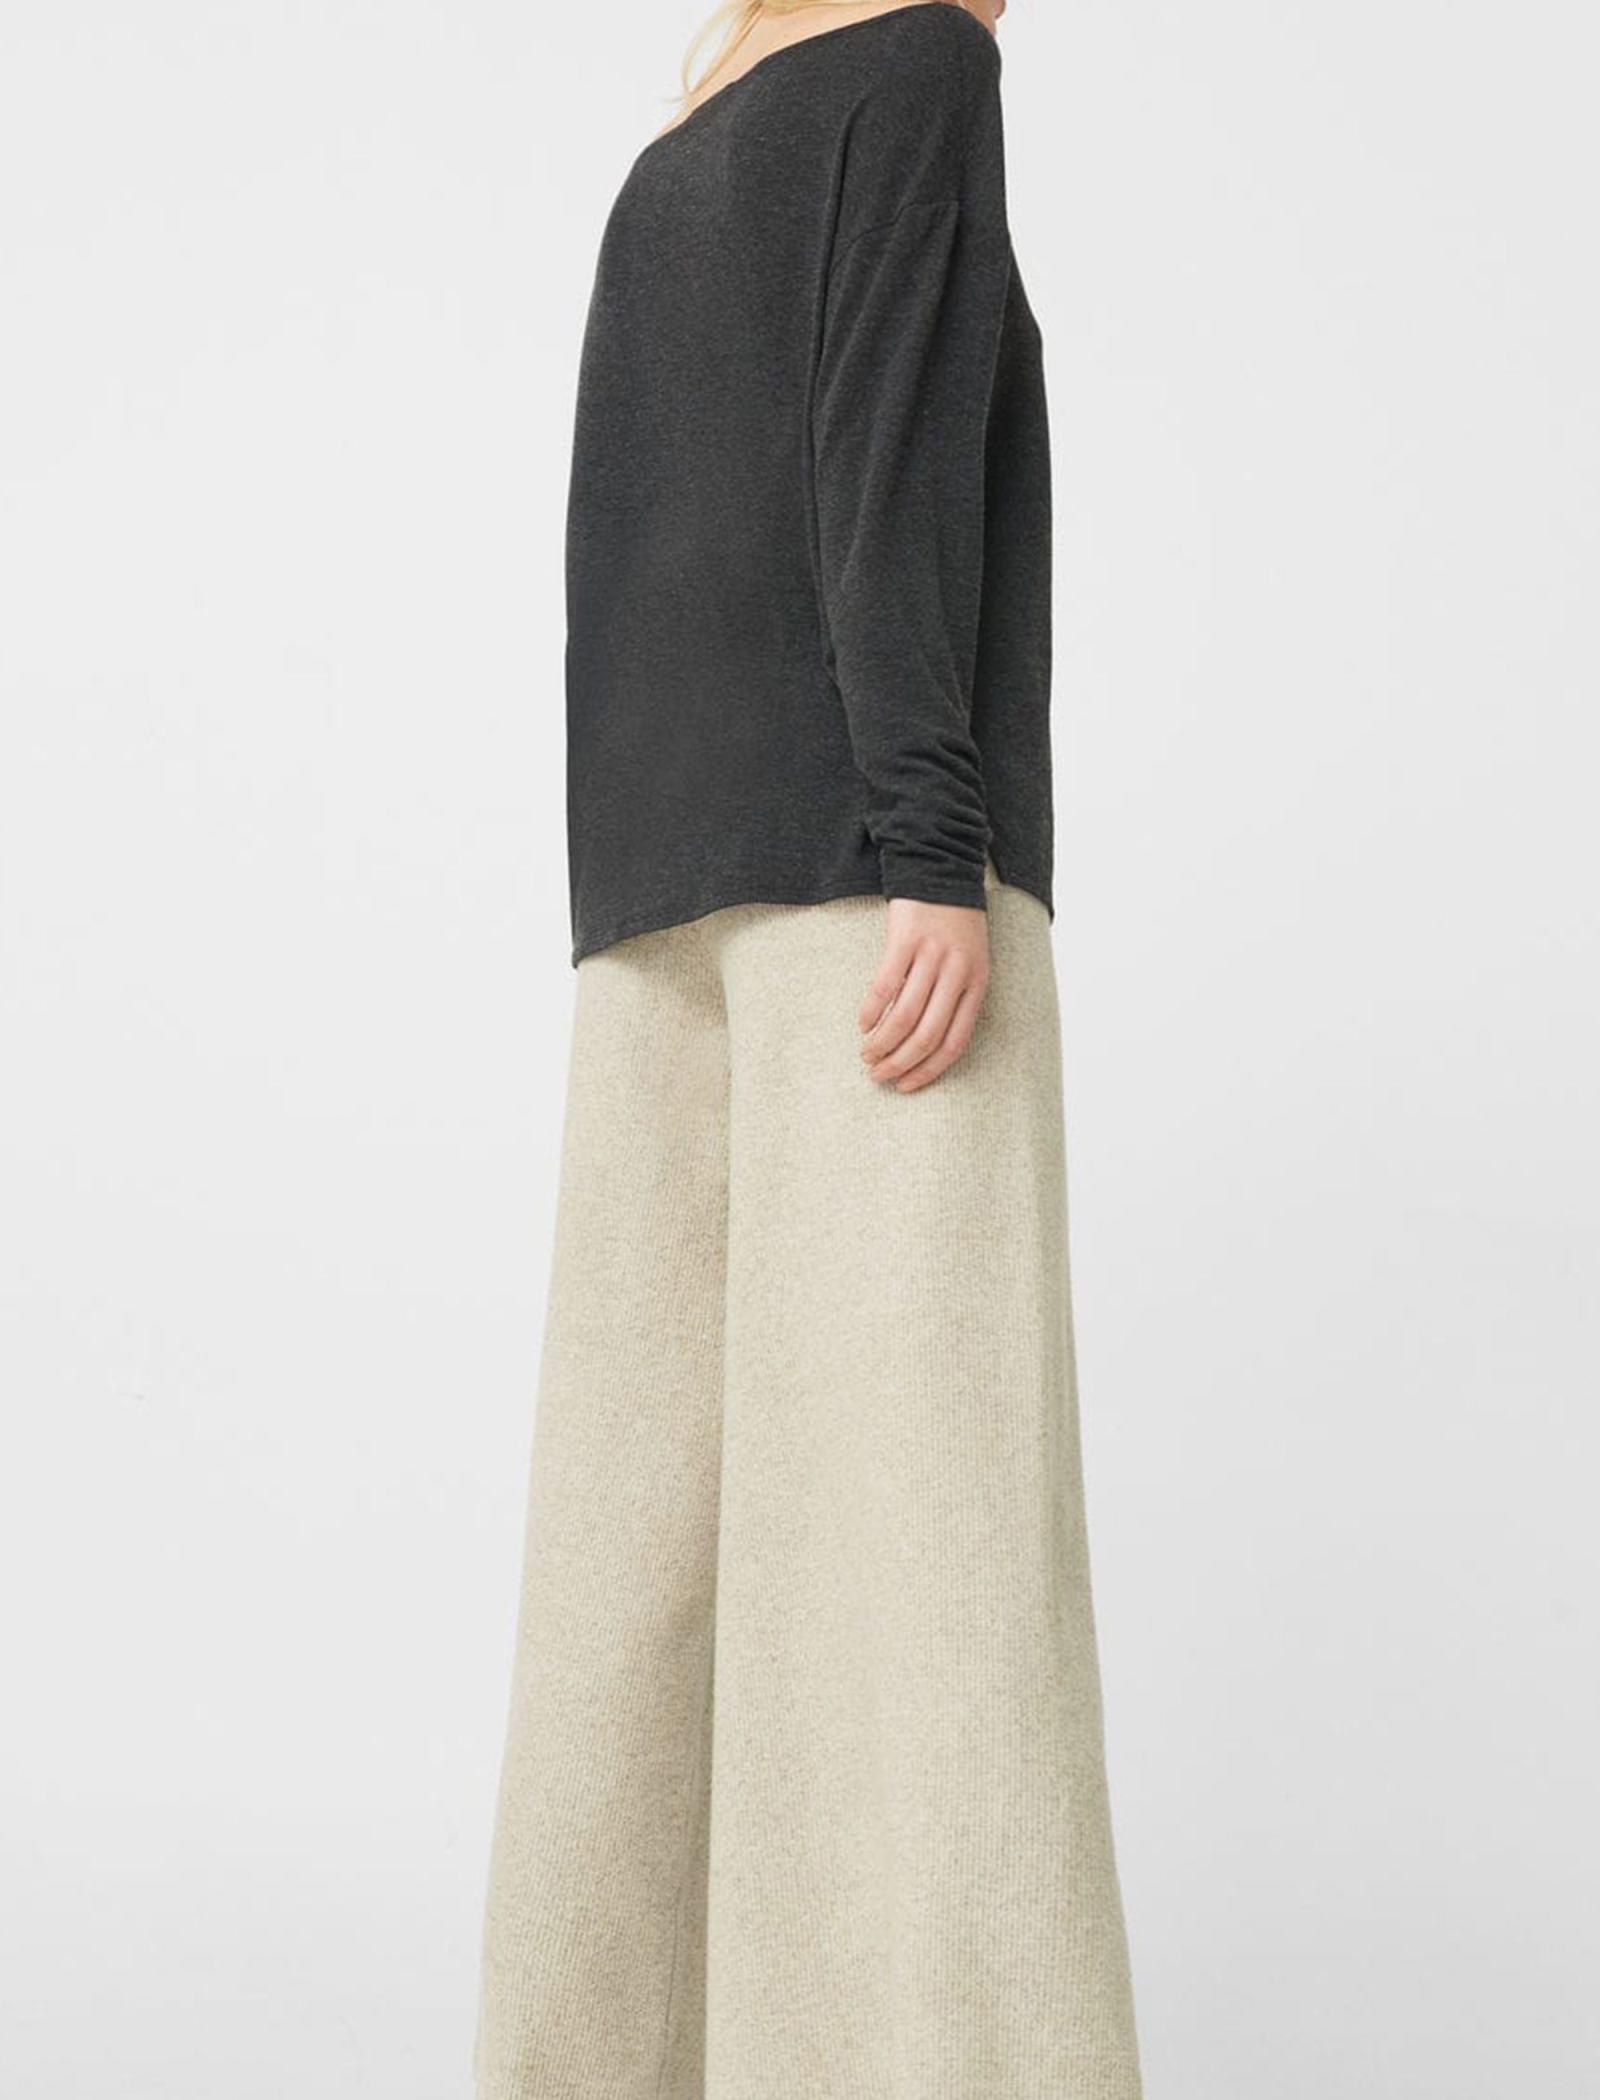 تی شرت ویسکوز آستین بلند زنانه - مانگو - زغالي - 2